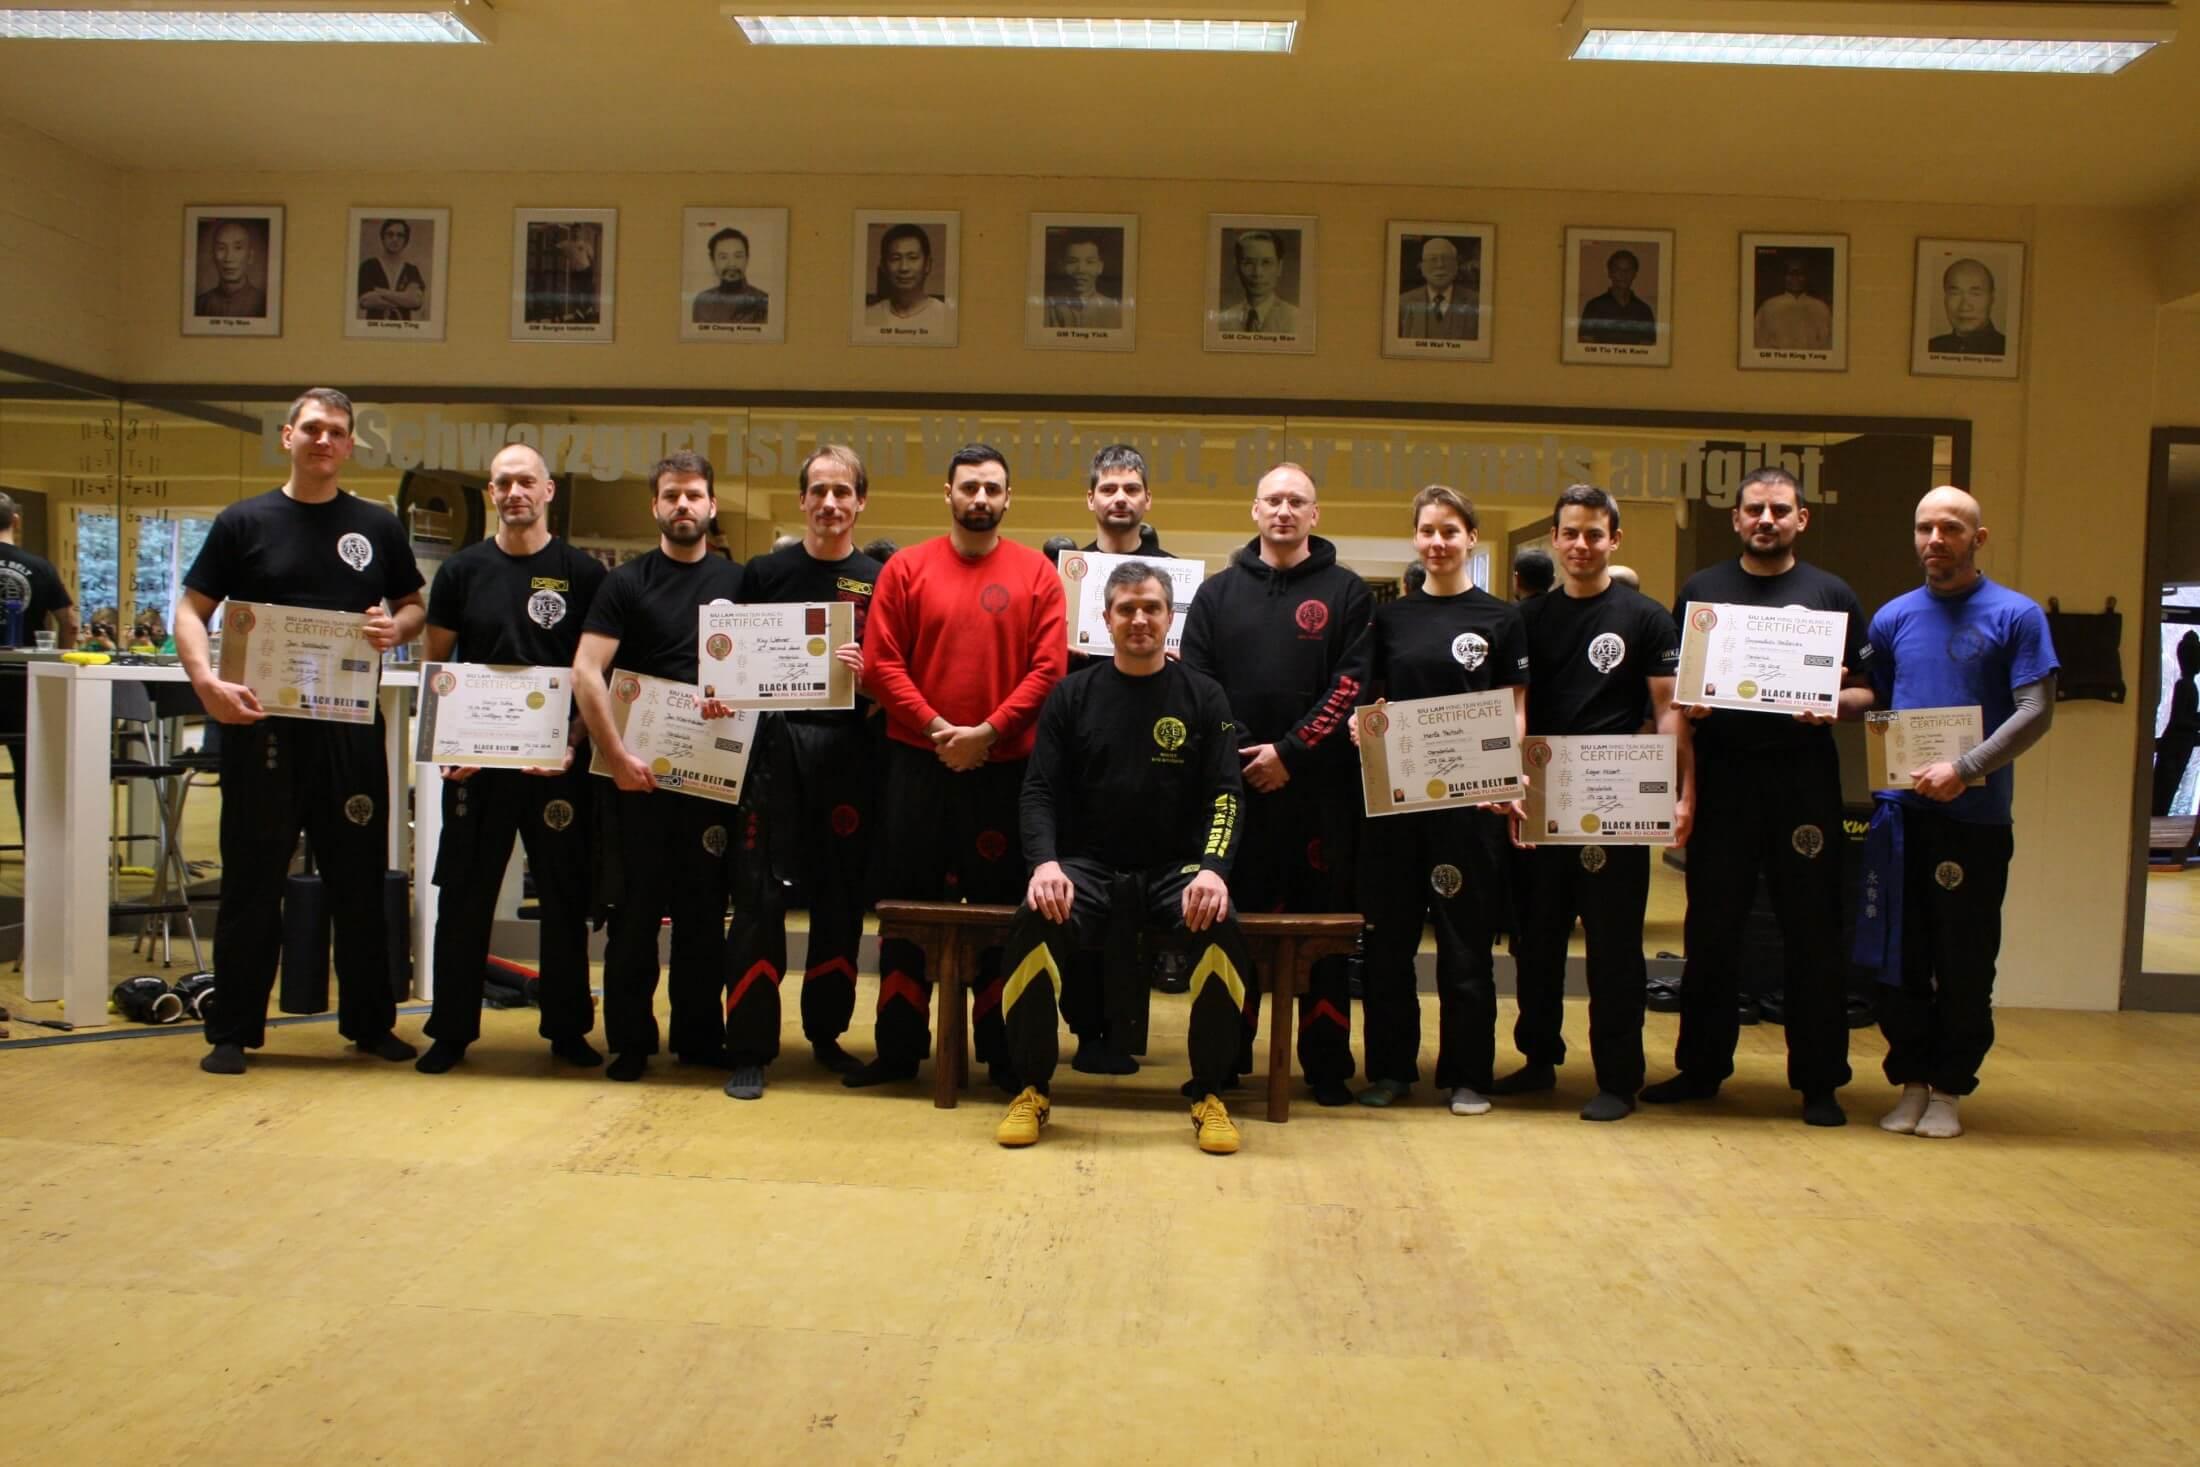 Teilnehmer der Black Belt Prüfung im Headquarter in Osnabrück.